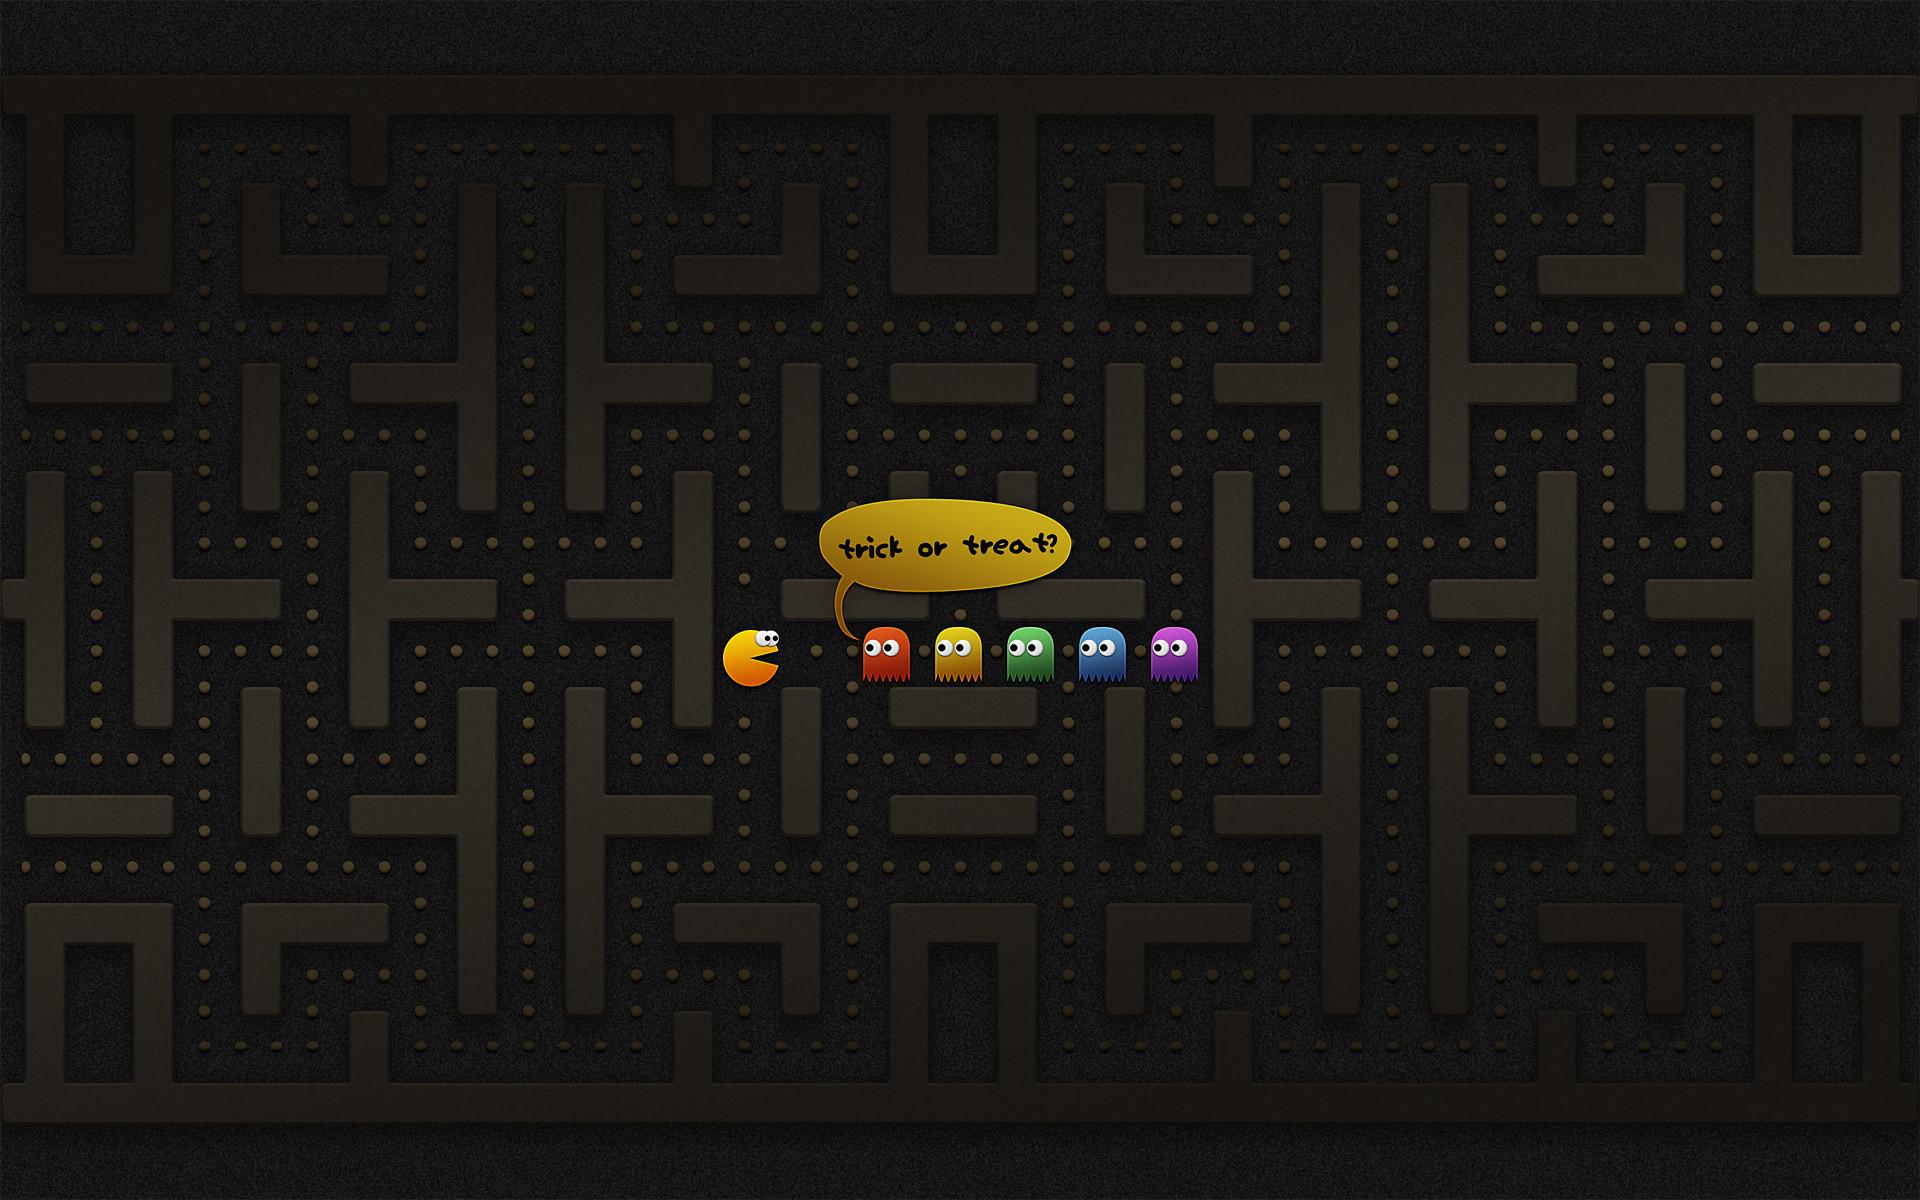 Video Game Pac-Man Wallpaper